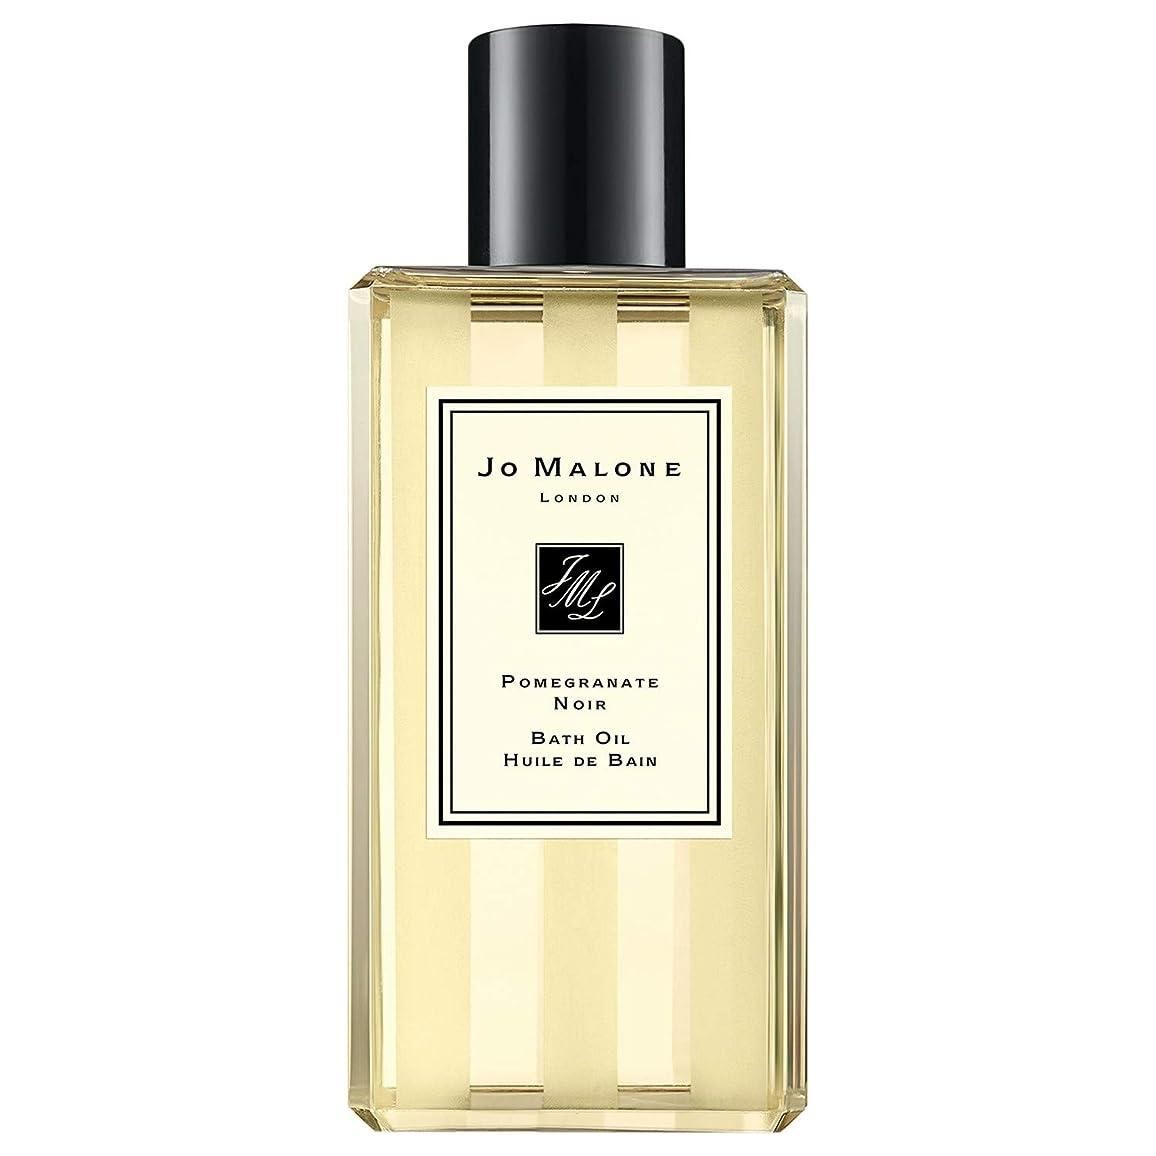 プリーツ列挙するバイバイ[Jo Malone ] ジョーマローンロンドンザクロノワールバスオイル250ミリリットル - Jo Malone London Pomegranate Noir Bath Oil 250ml [並行輸入品]